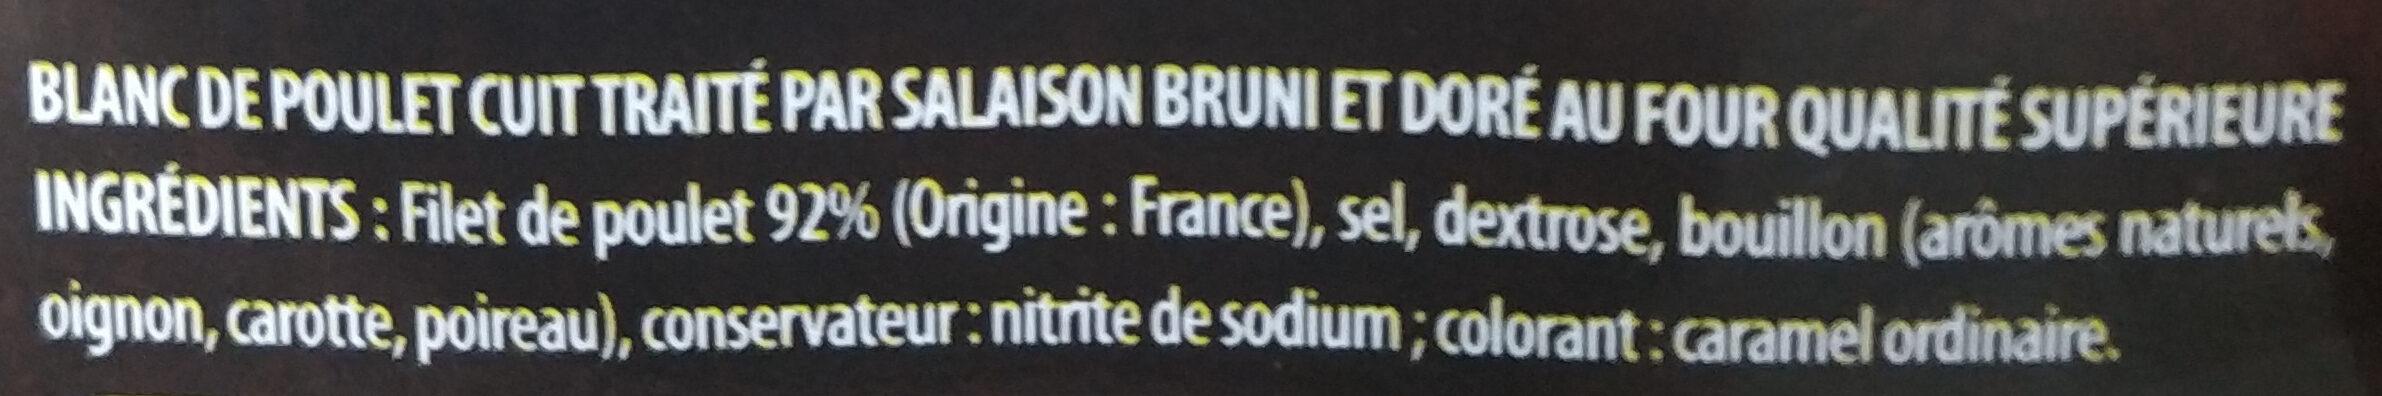 Blanc de poulet - Ingredients - fr